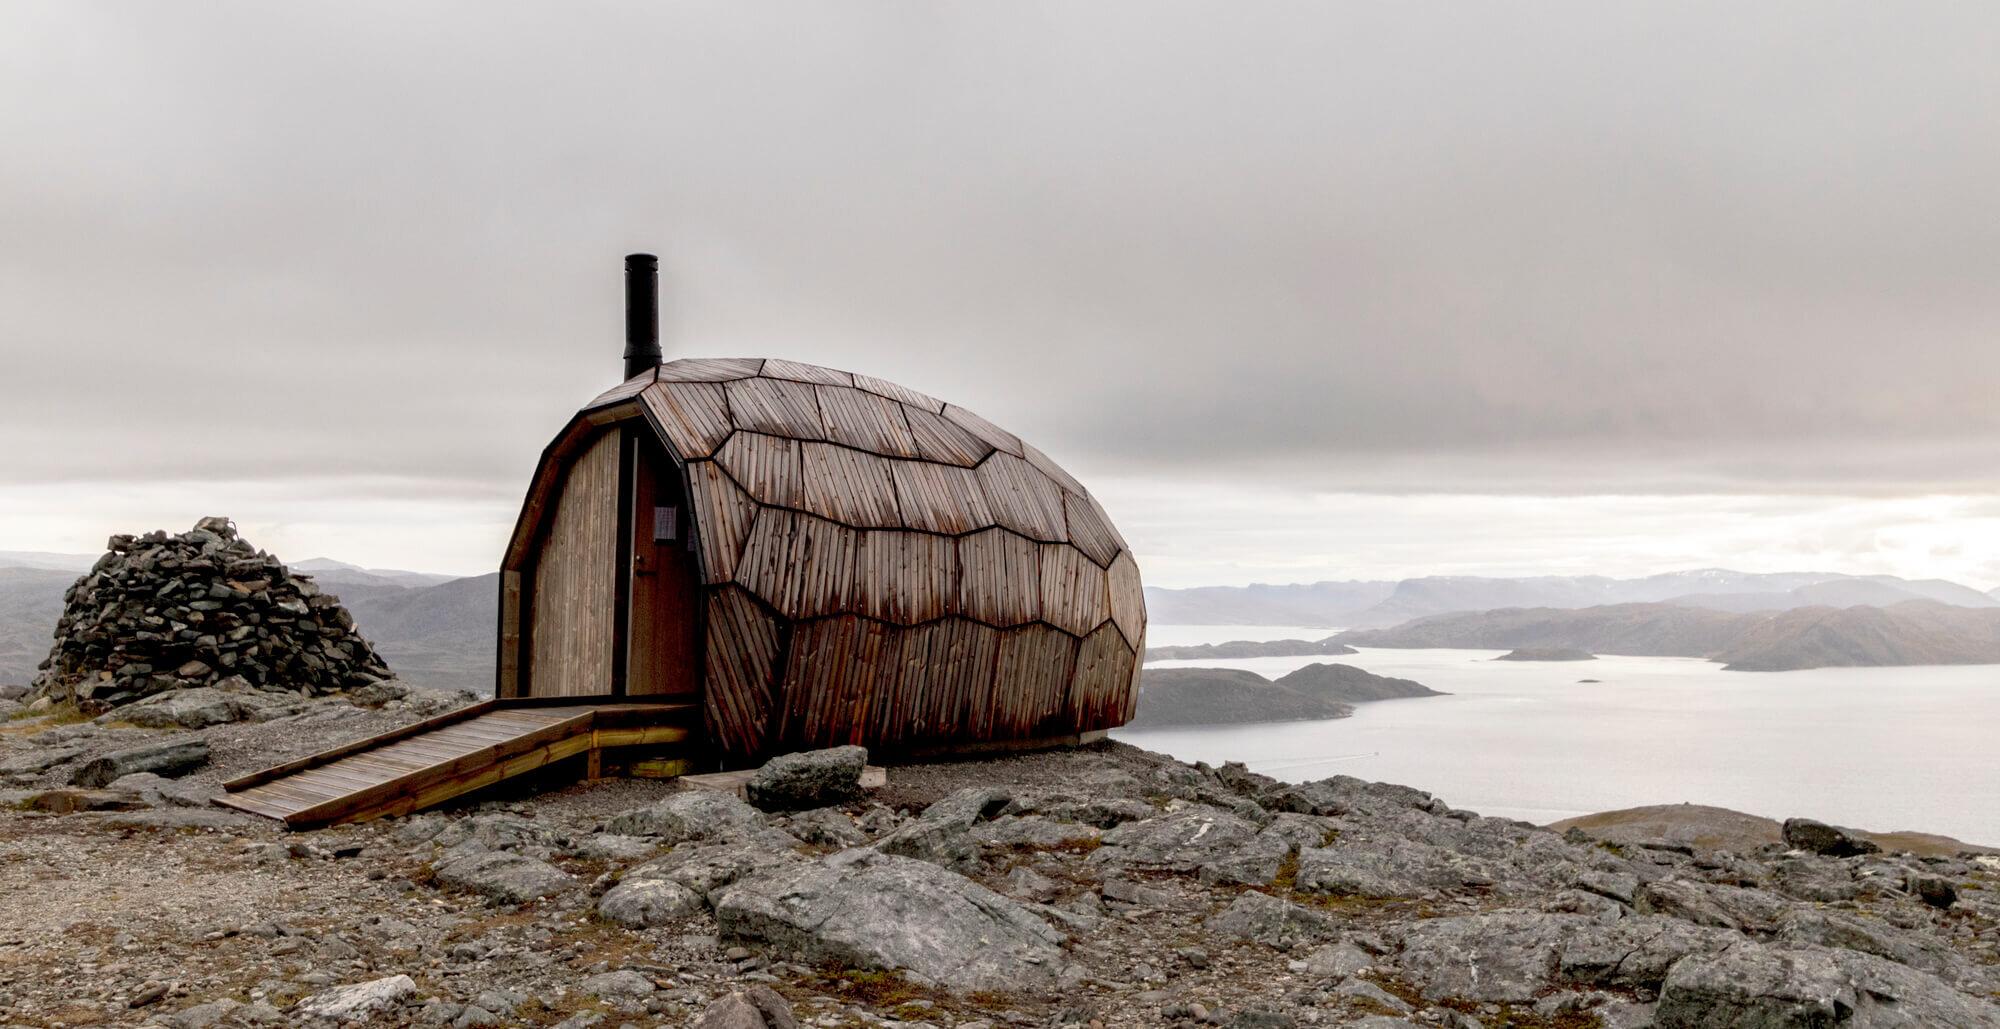 Hammerfest-Hiking-Cabins-SPINN-Arkitekter-Norway-16